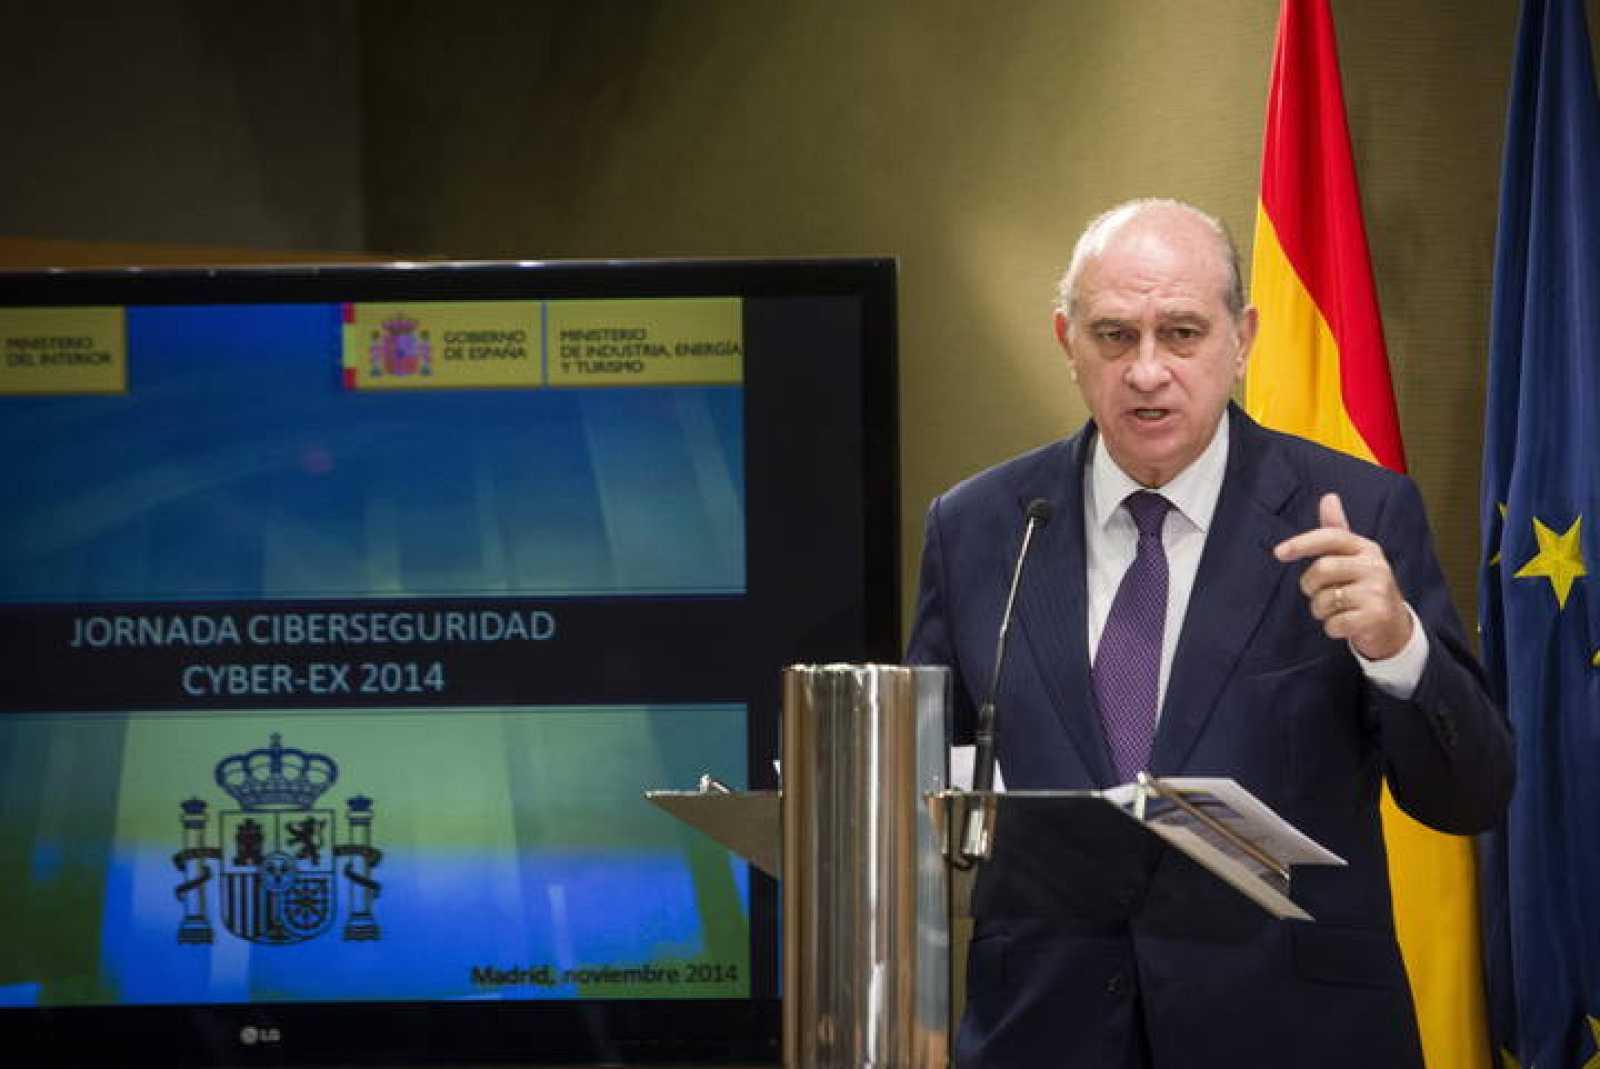 Los fiscales ven inconstitucionales las escuchas for Escuchas ministro del interior